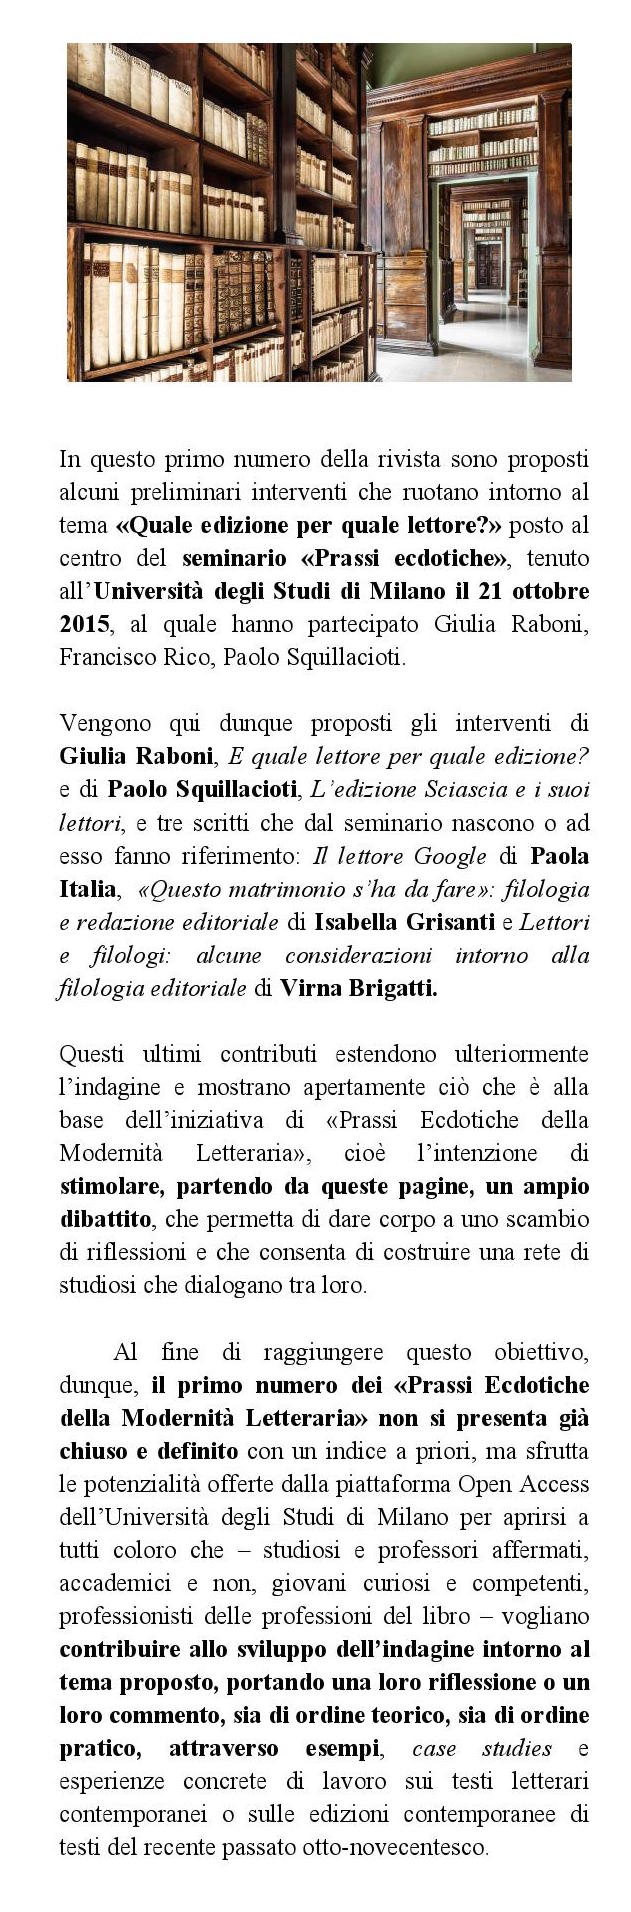 Prassi ecdotiche della modernit letteraria prassi ecdotiche della modernit letteraria - Amori diversi testo ...